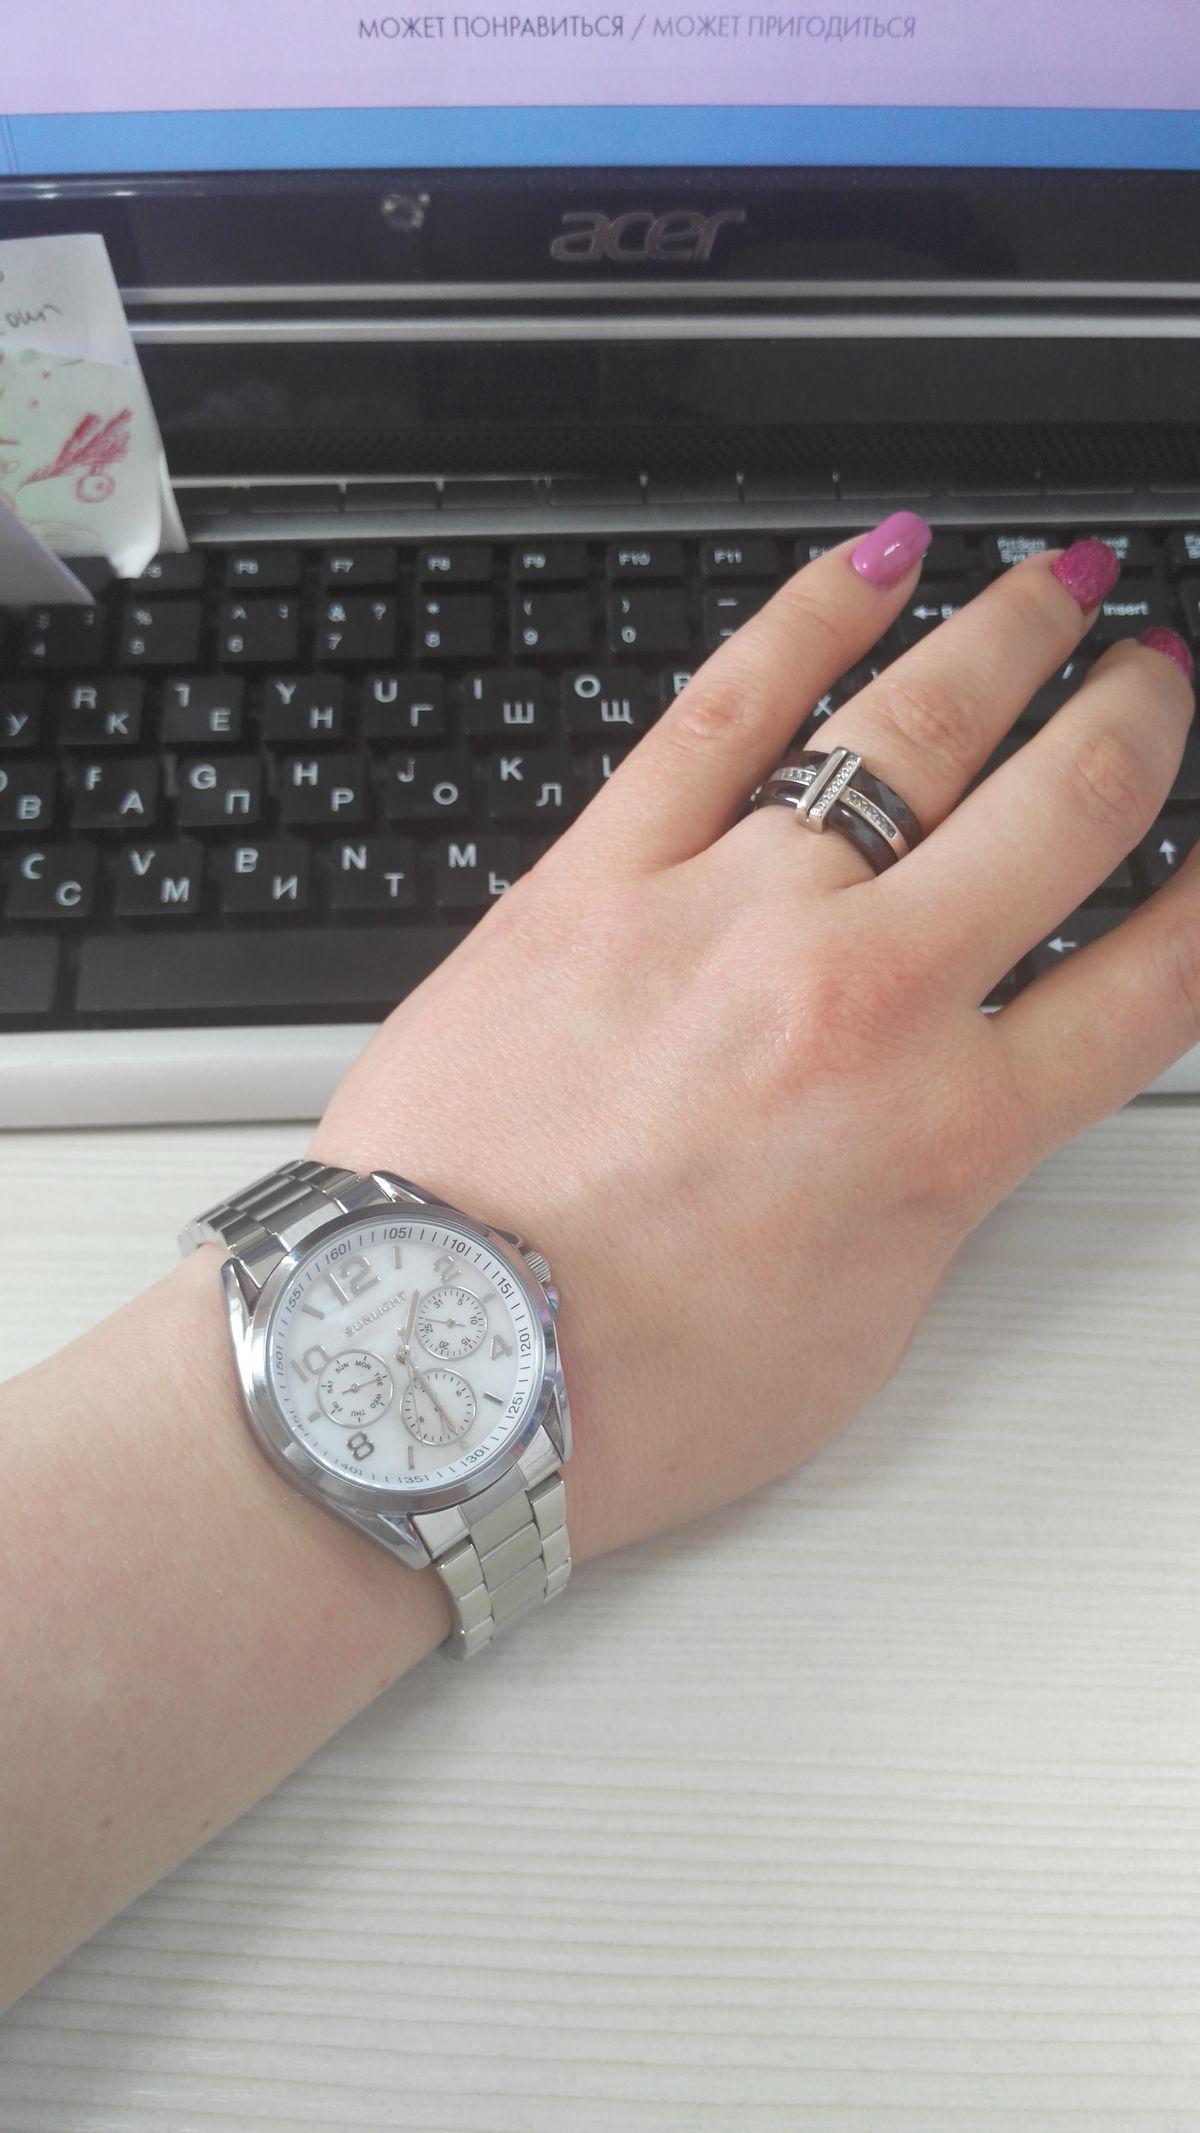 Отличные часы!!!! Я в восторге!!!))))